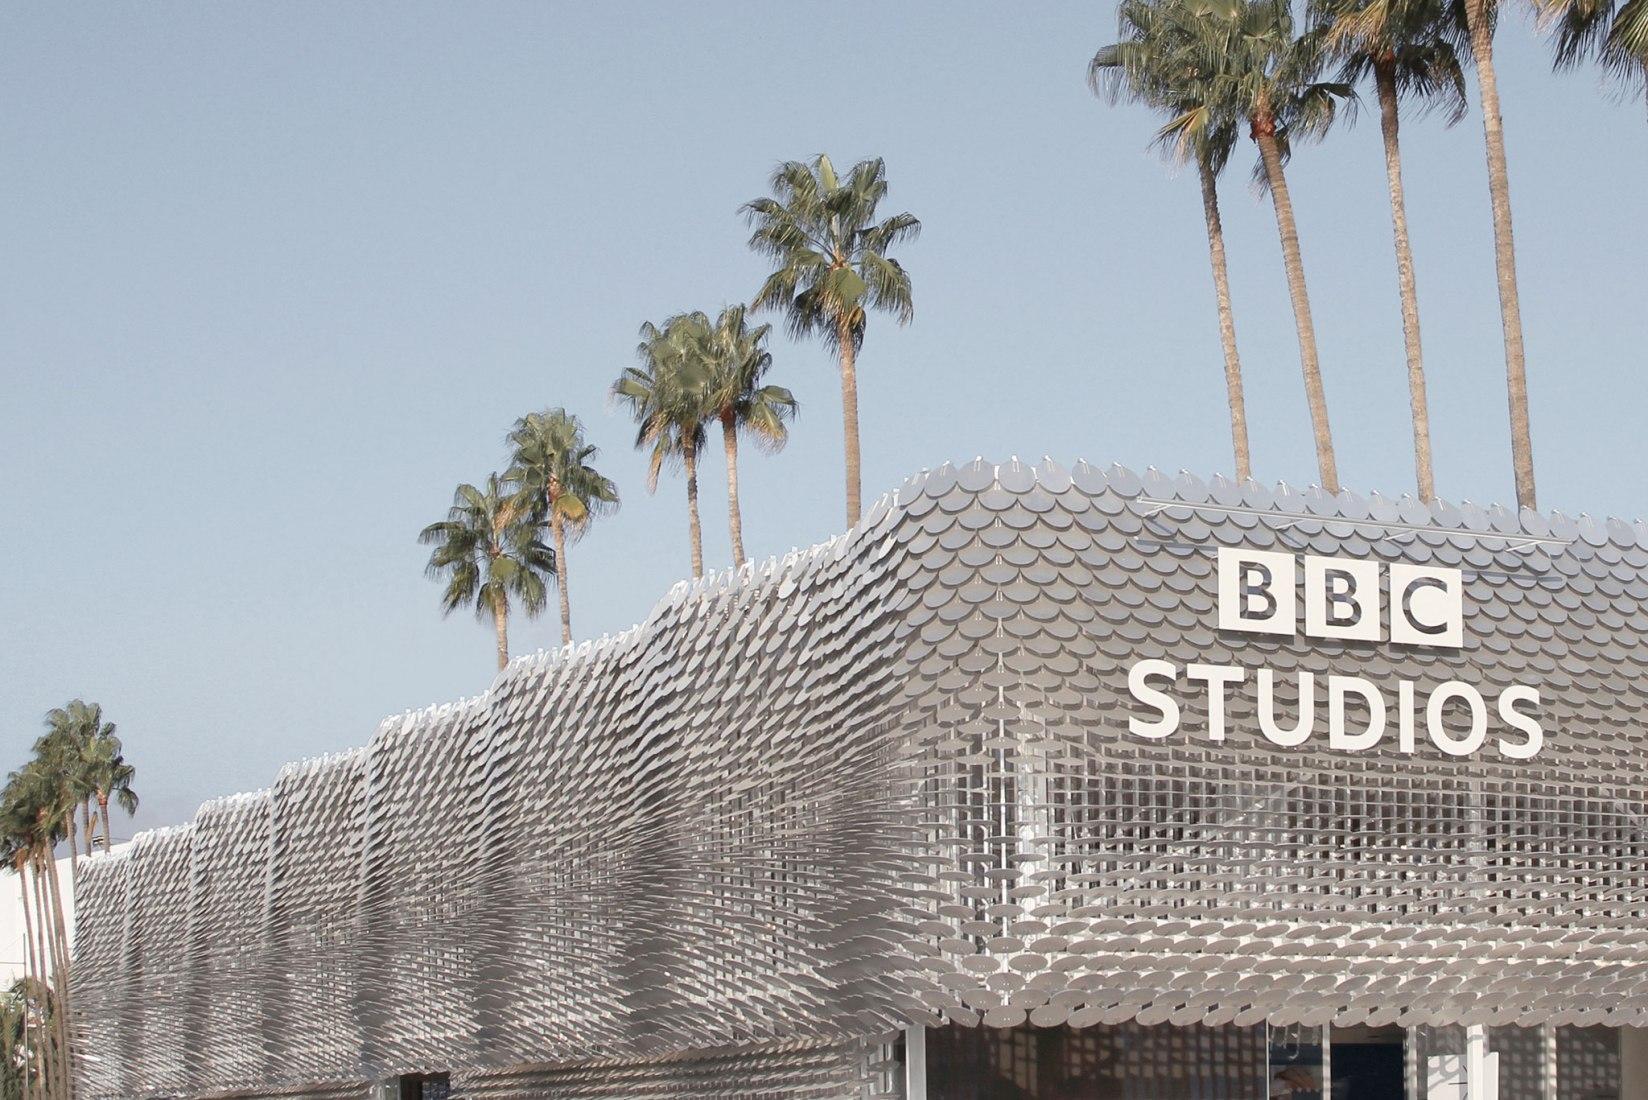 מעטפת אורגנית לפביליון אולפני BBC בקאן